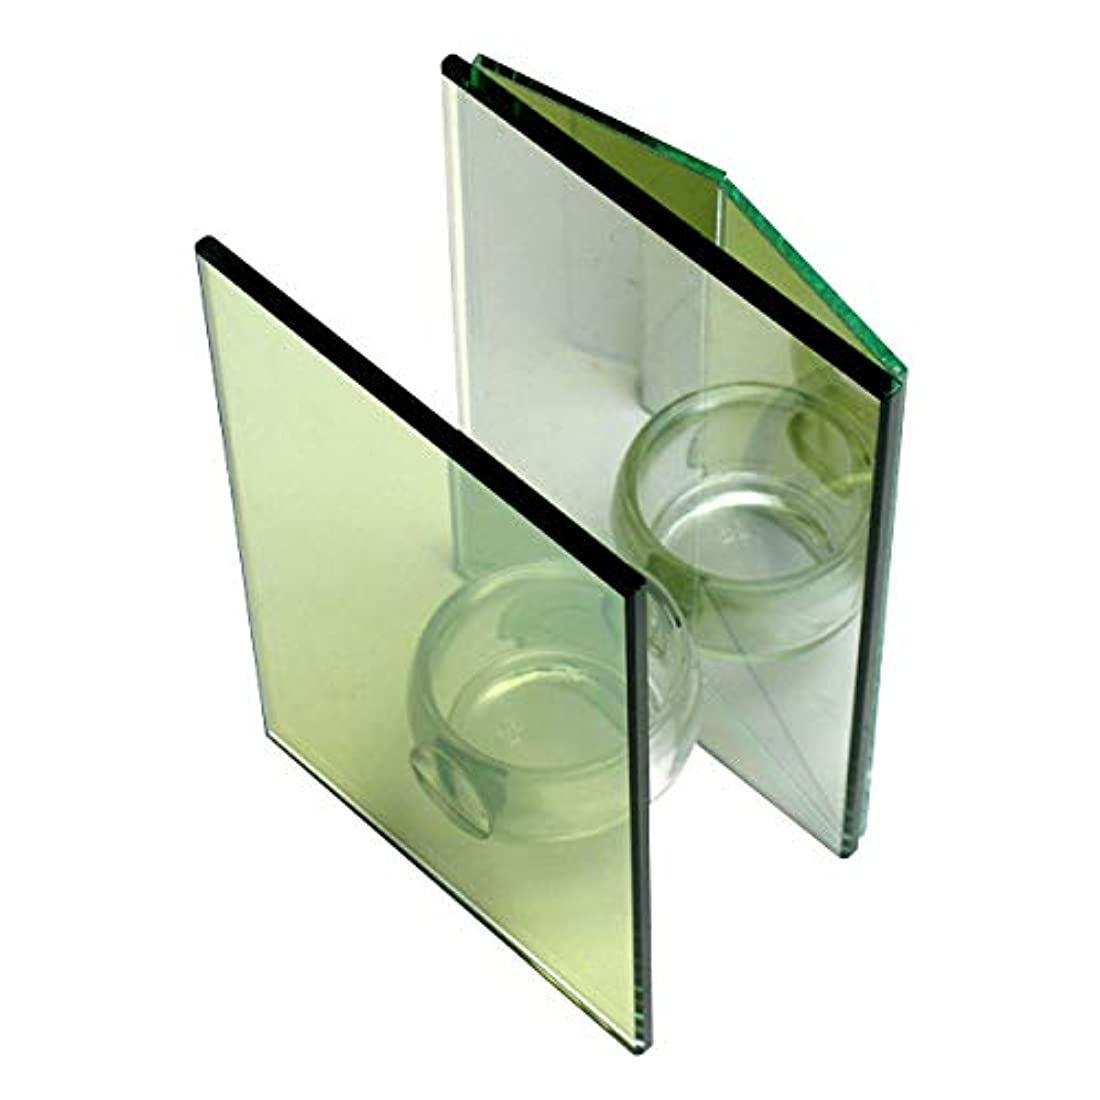 サークル特殊繰り返した無限連鎖キャンドルホルダー ダブルミラー ガラス キャンドルスタンド ランタン 誕生日 ティーライトキャンドル